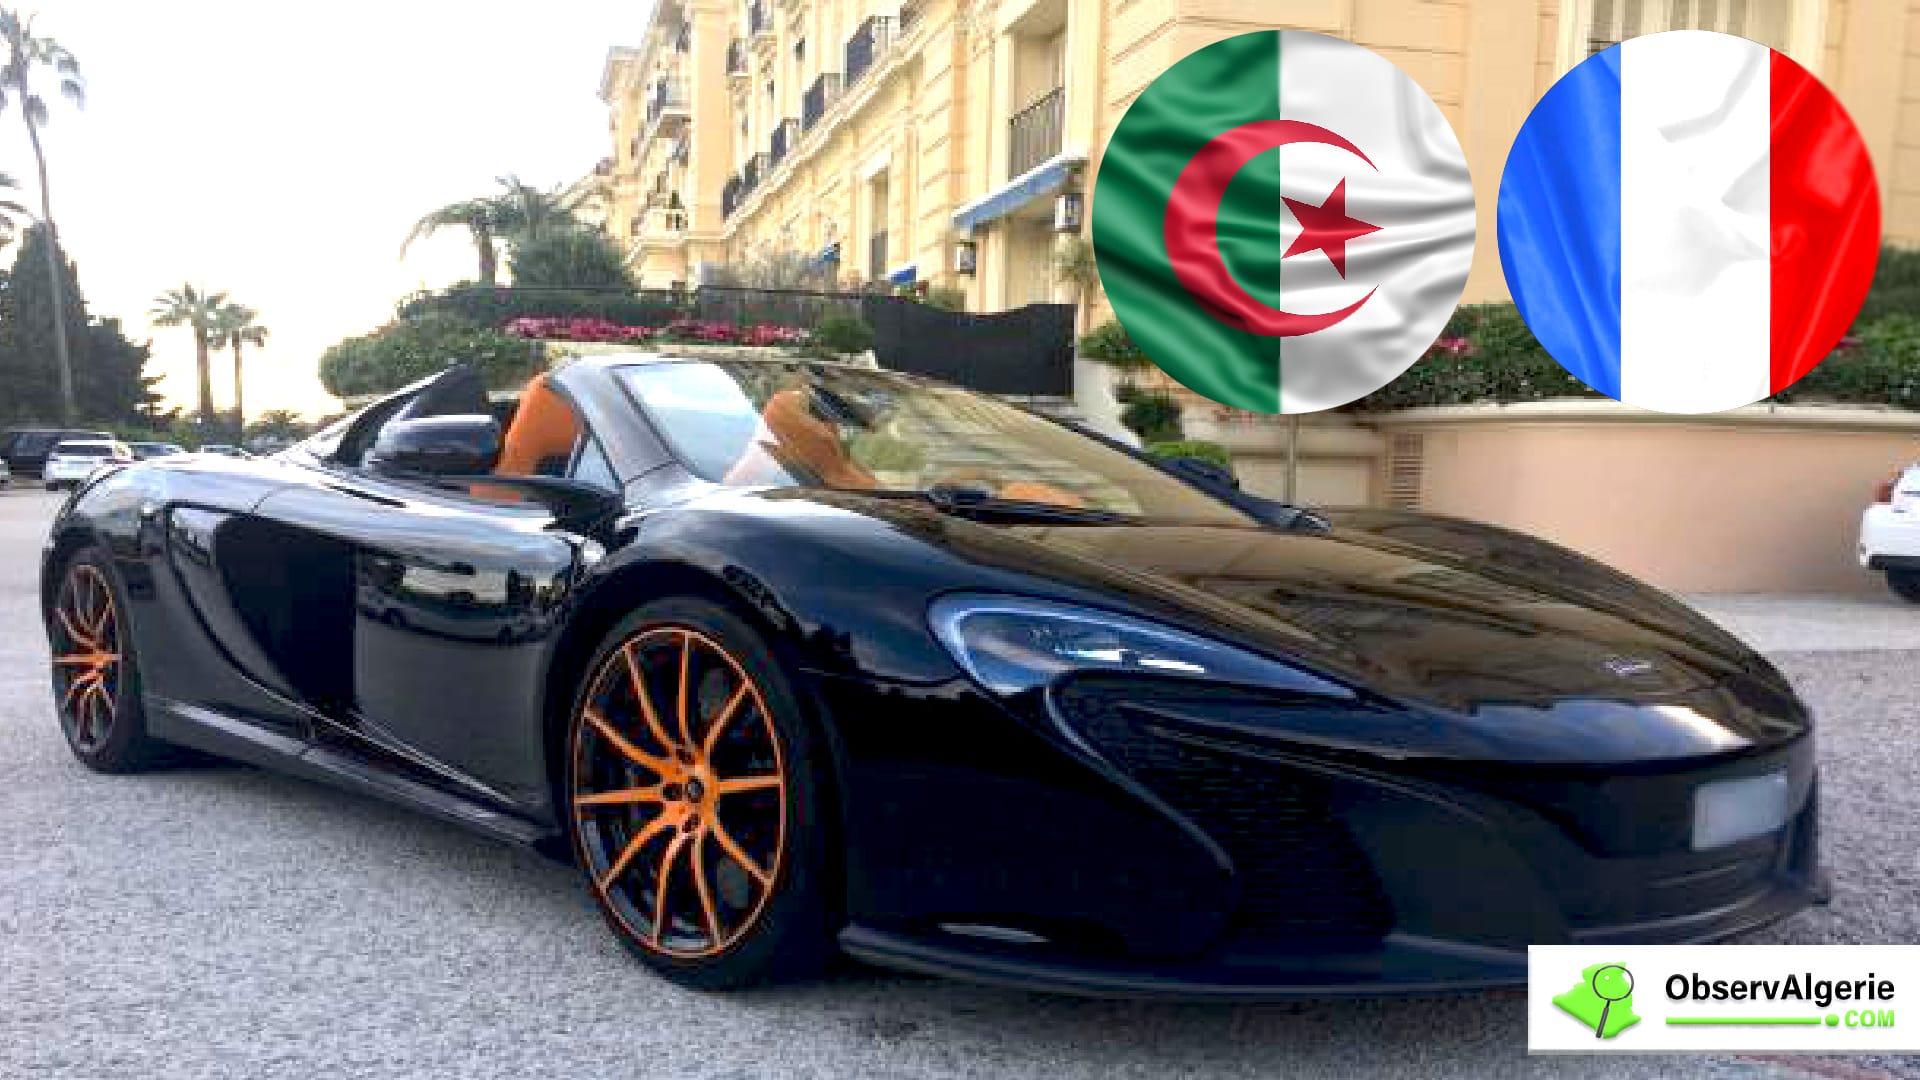 Des voitures de luxe volées en France envoyées en Algérie